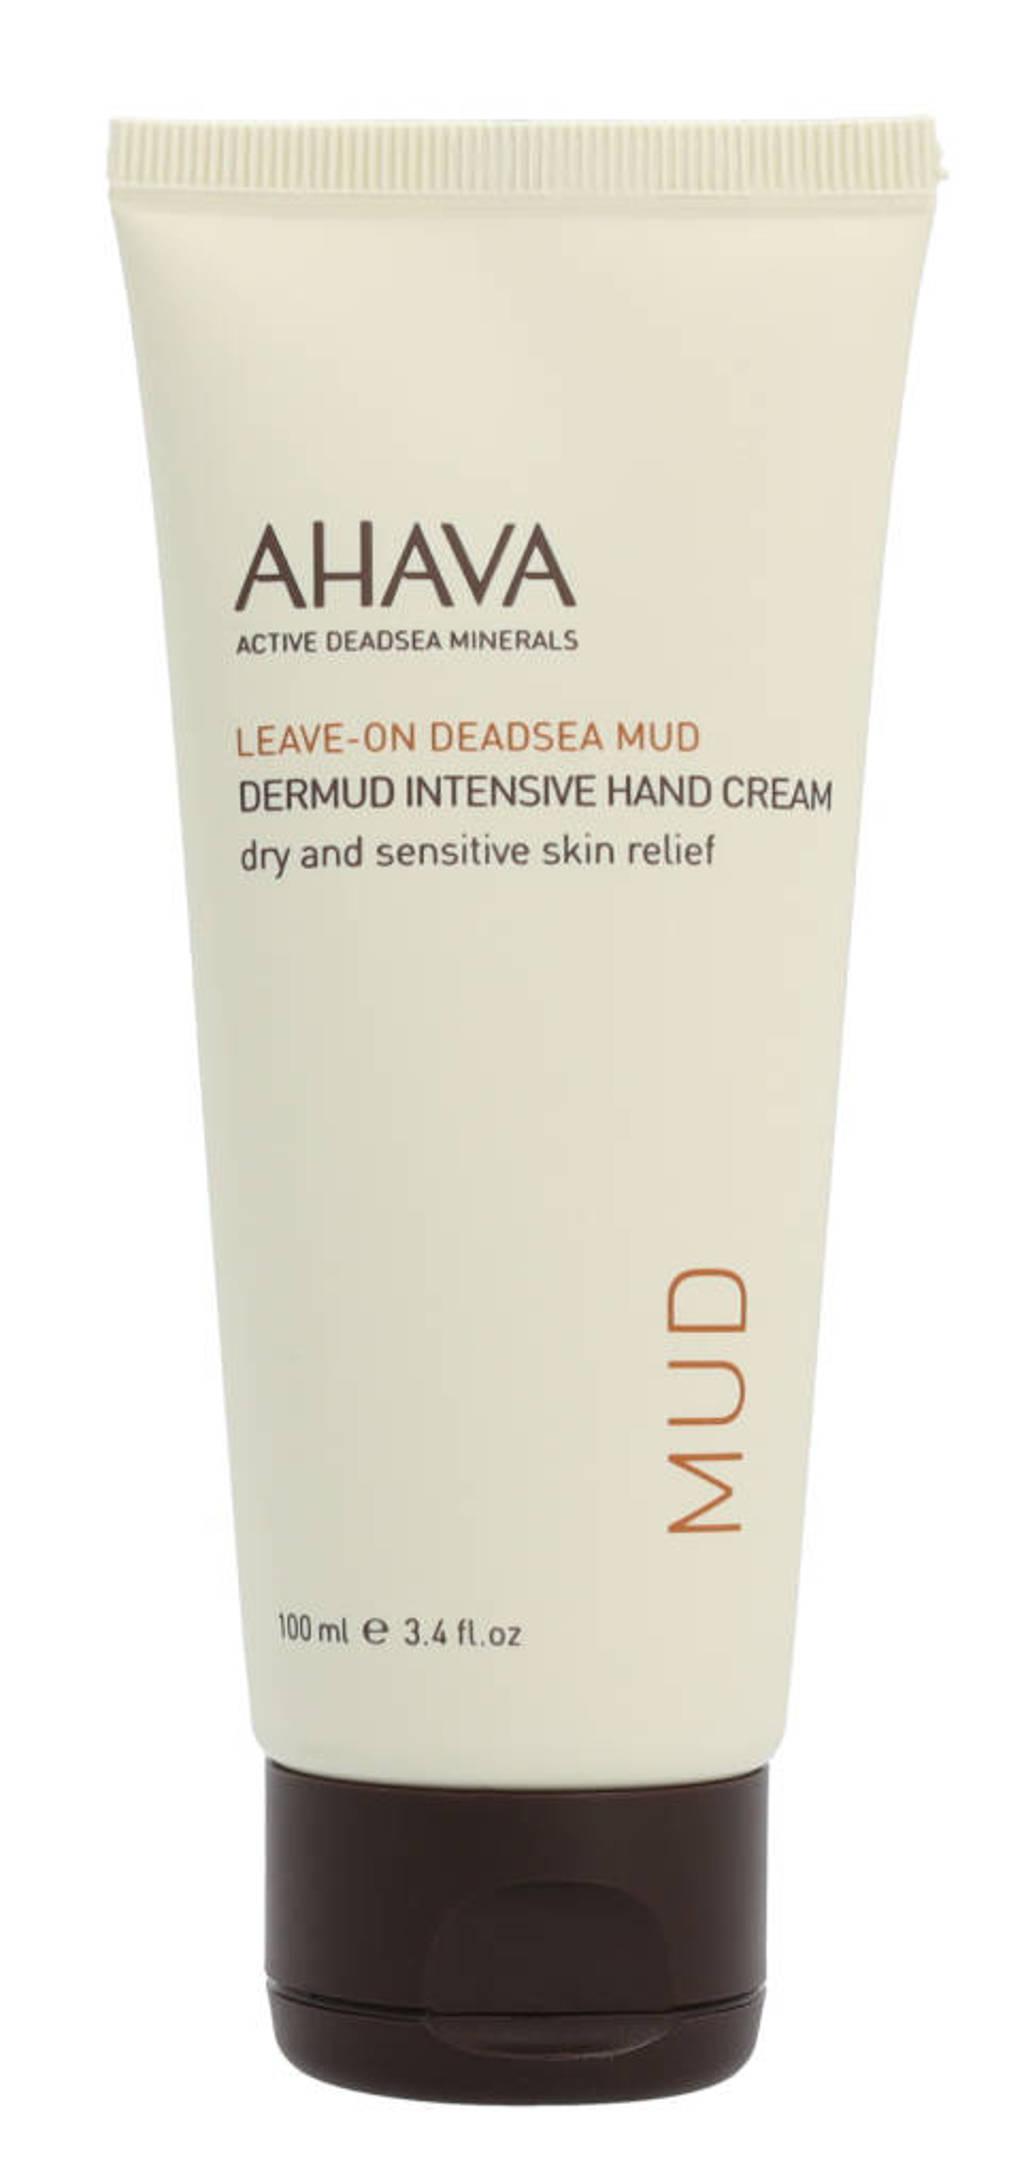 Ahava Deadsea Mud Dermud Intensive handcrème